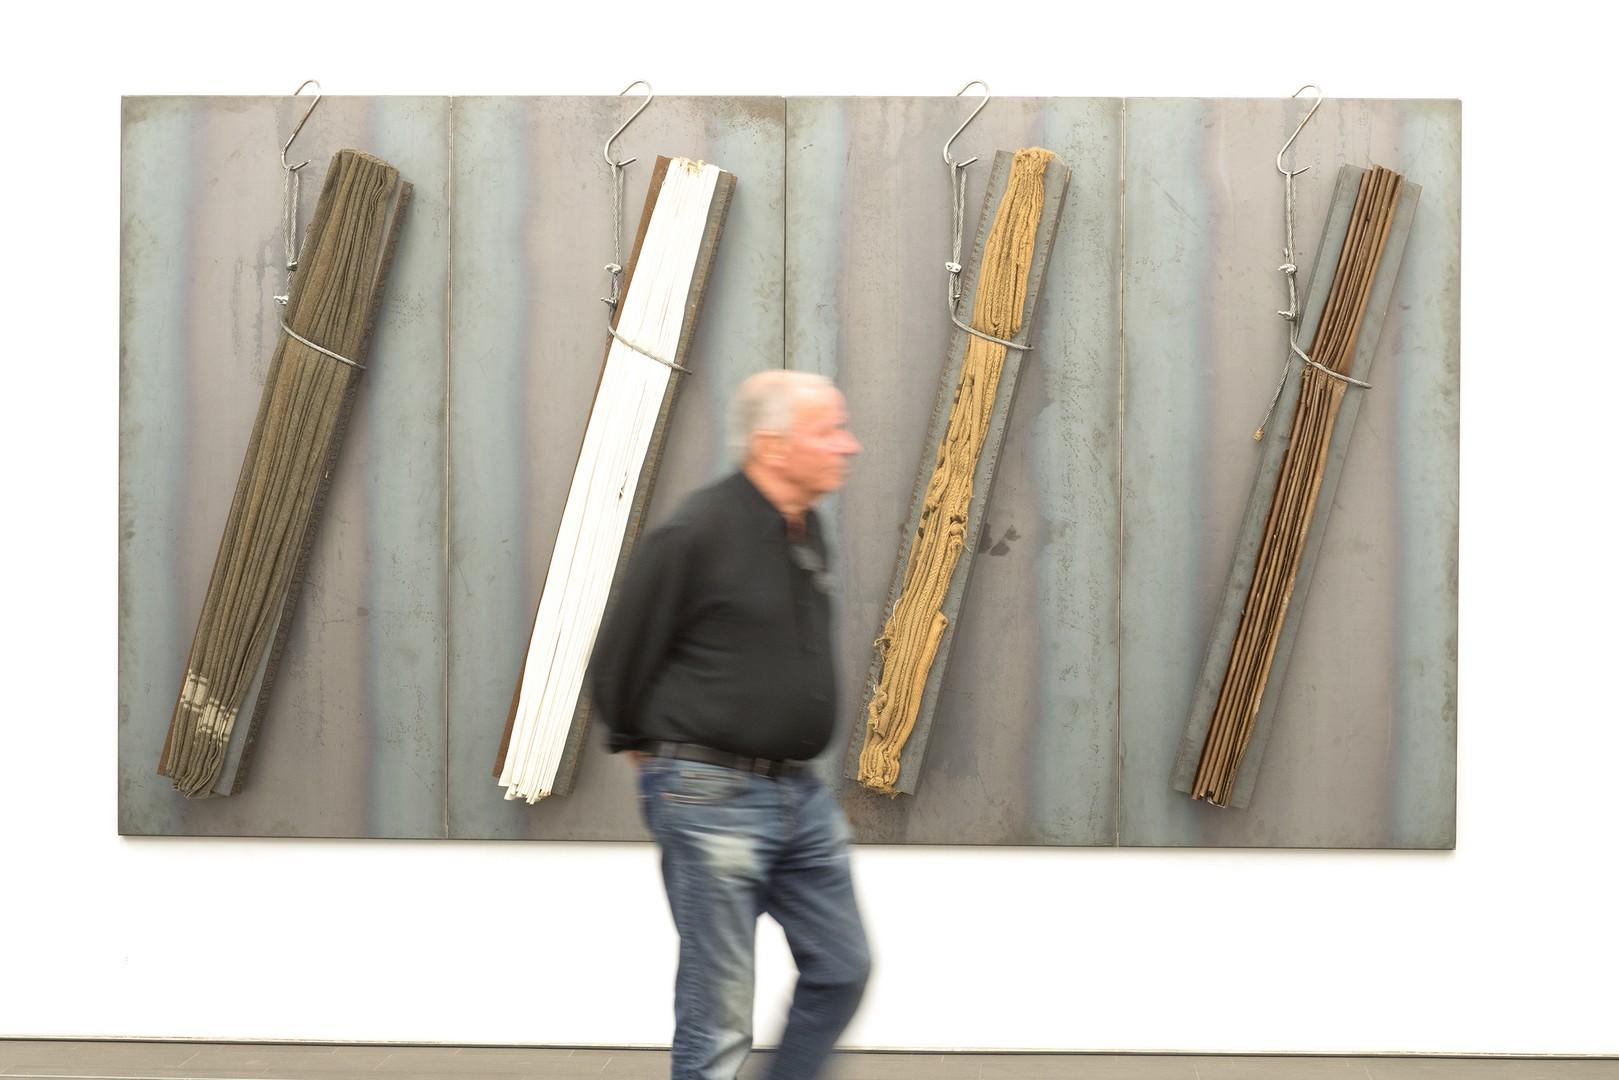 Jannis Kounellis, Ohne Titel, 1999, Sammlung Siegfried und Jutta Weishaupt, © VG Bild-Kunst, Bonn 2018, Foto: Georg Lukas